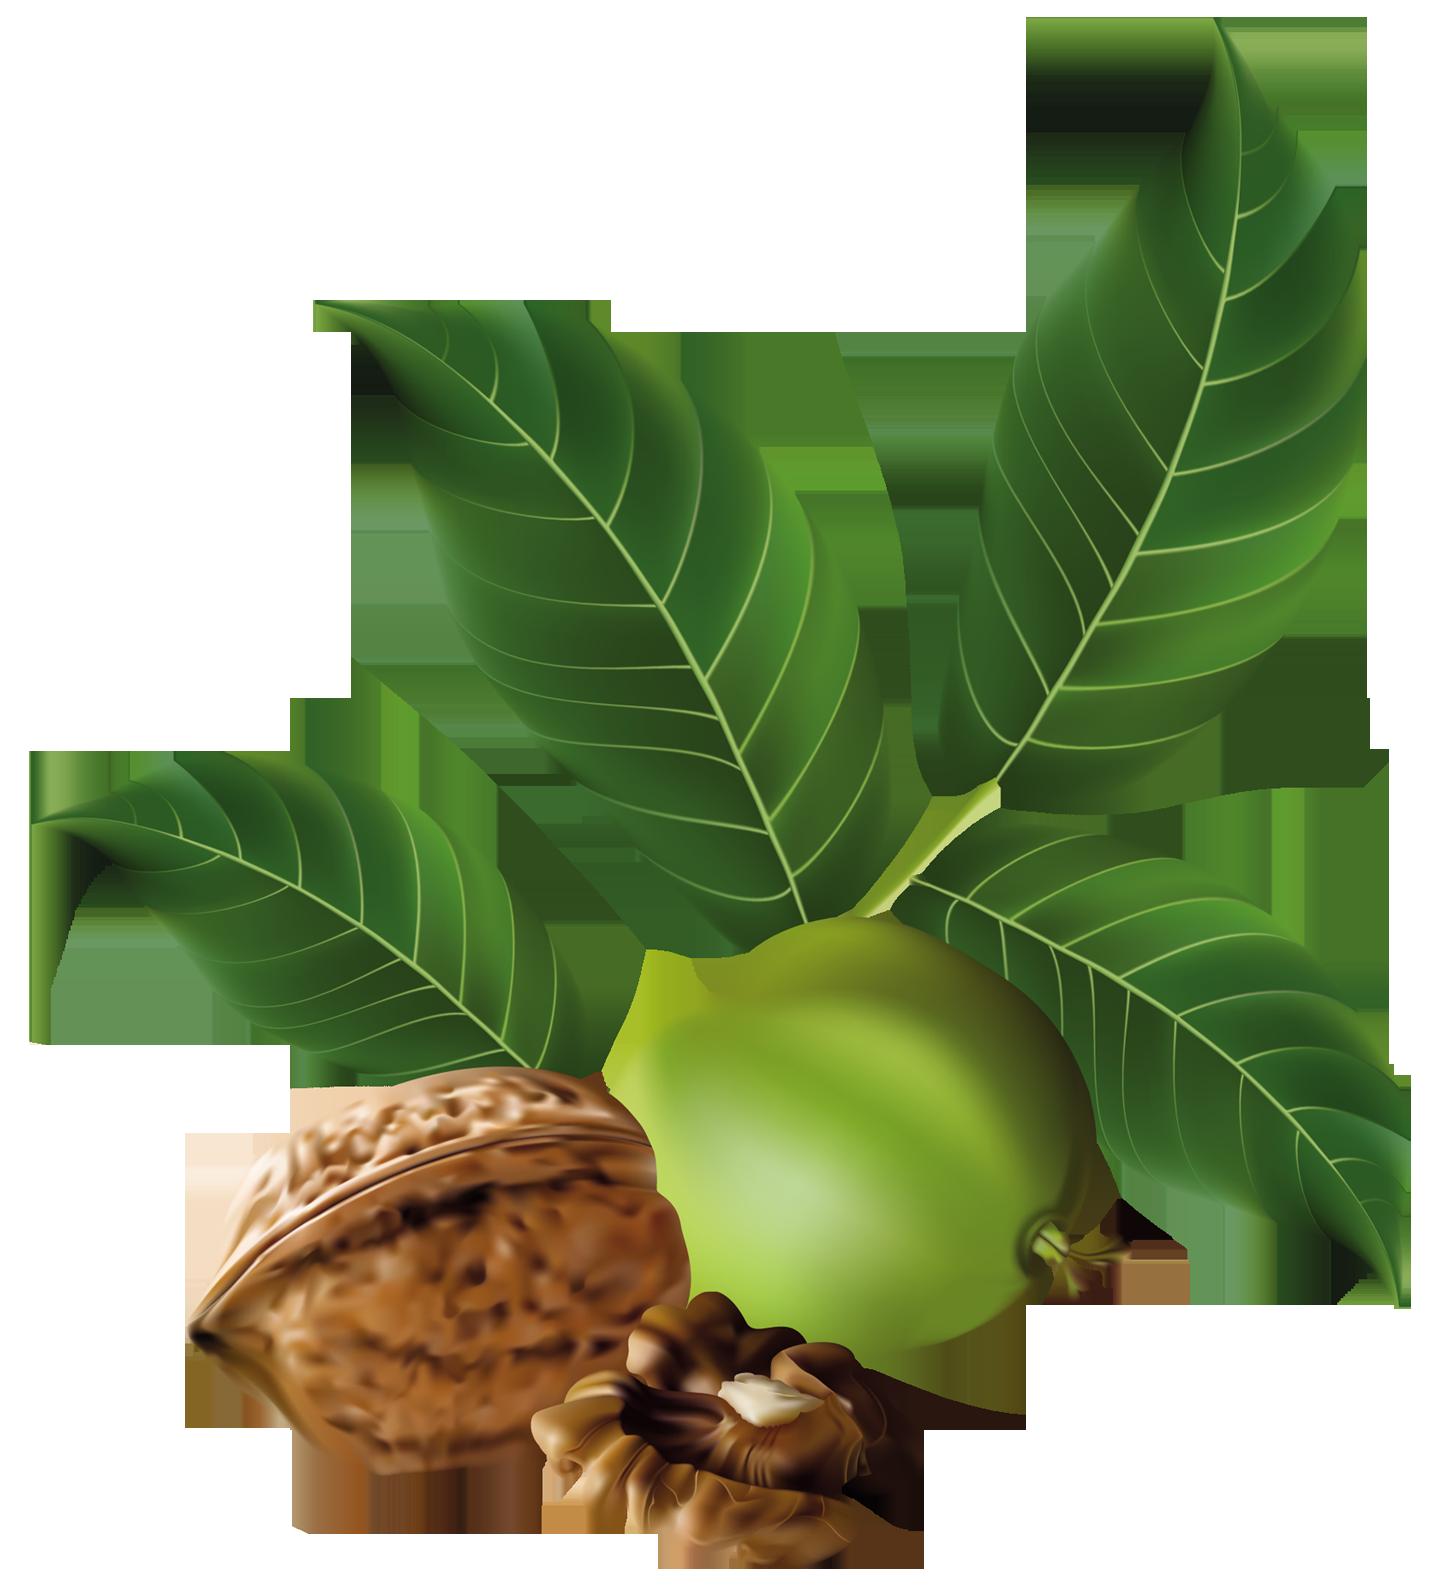 Walnut tree clipart jpg royalty free stock Walnut PNG Clip Art - Best WEB Clipart jpg royalty free stock